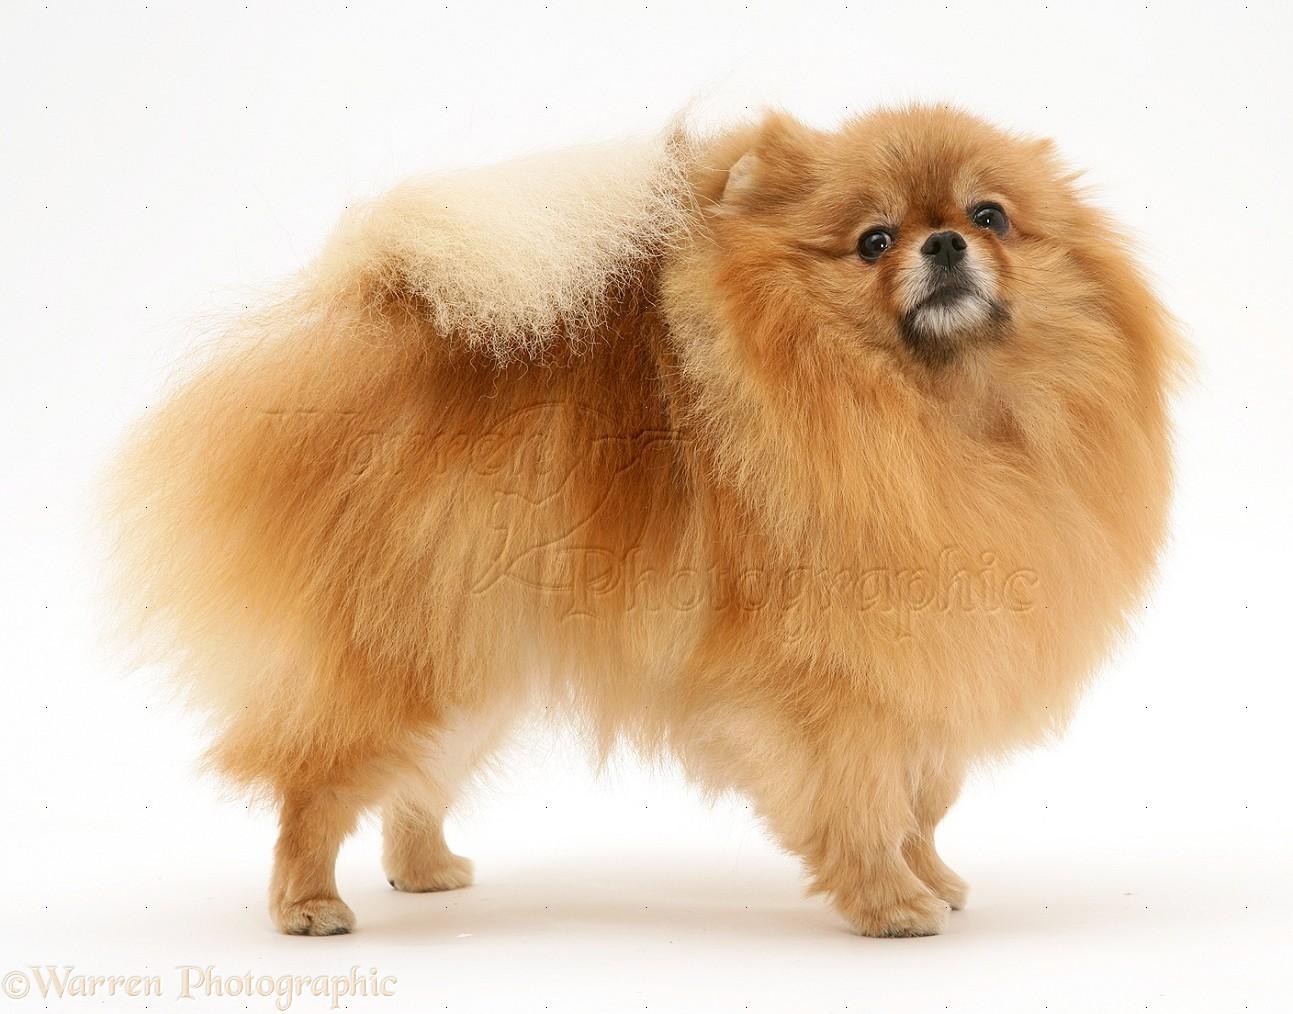 Red Pomeranian dog photo WP15097